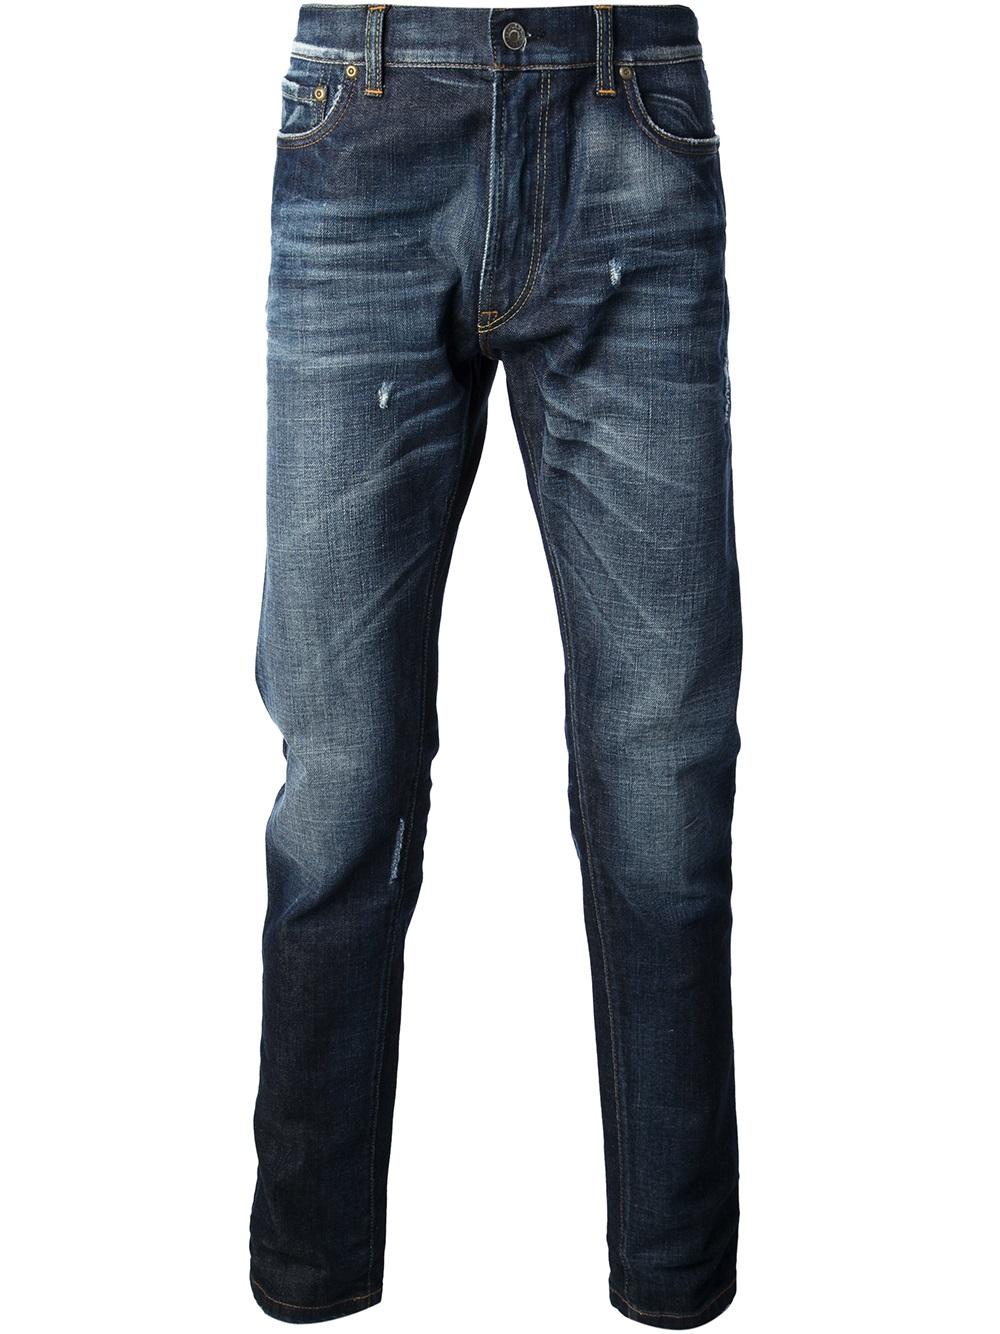 lyst dolce gabbana washed jeans in blue for men. Black Bedroom Furniture Sets. Home Design Ideas